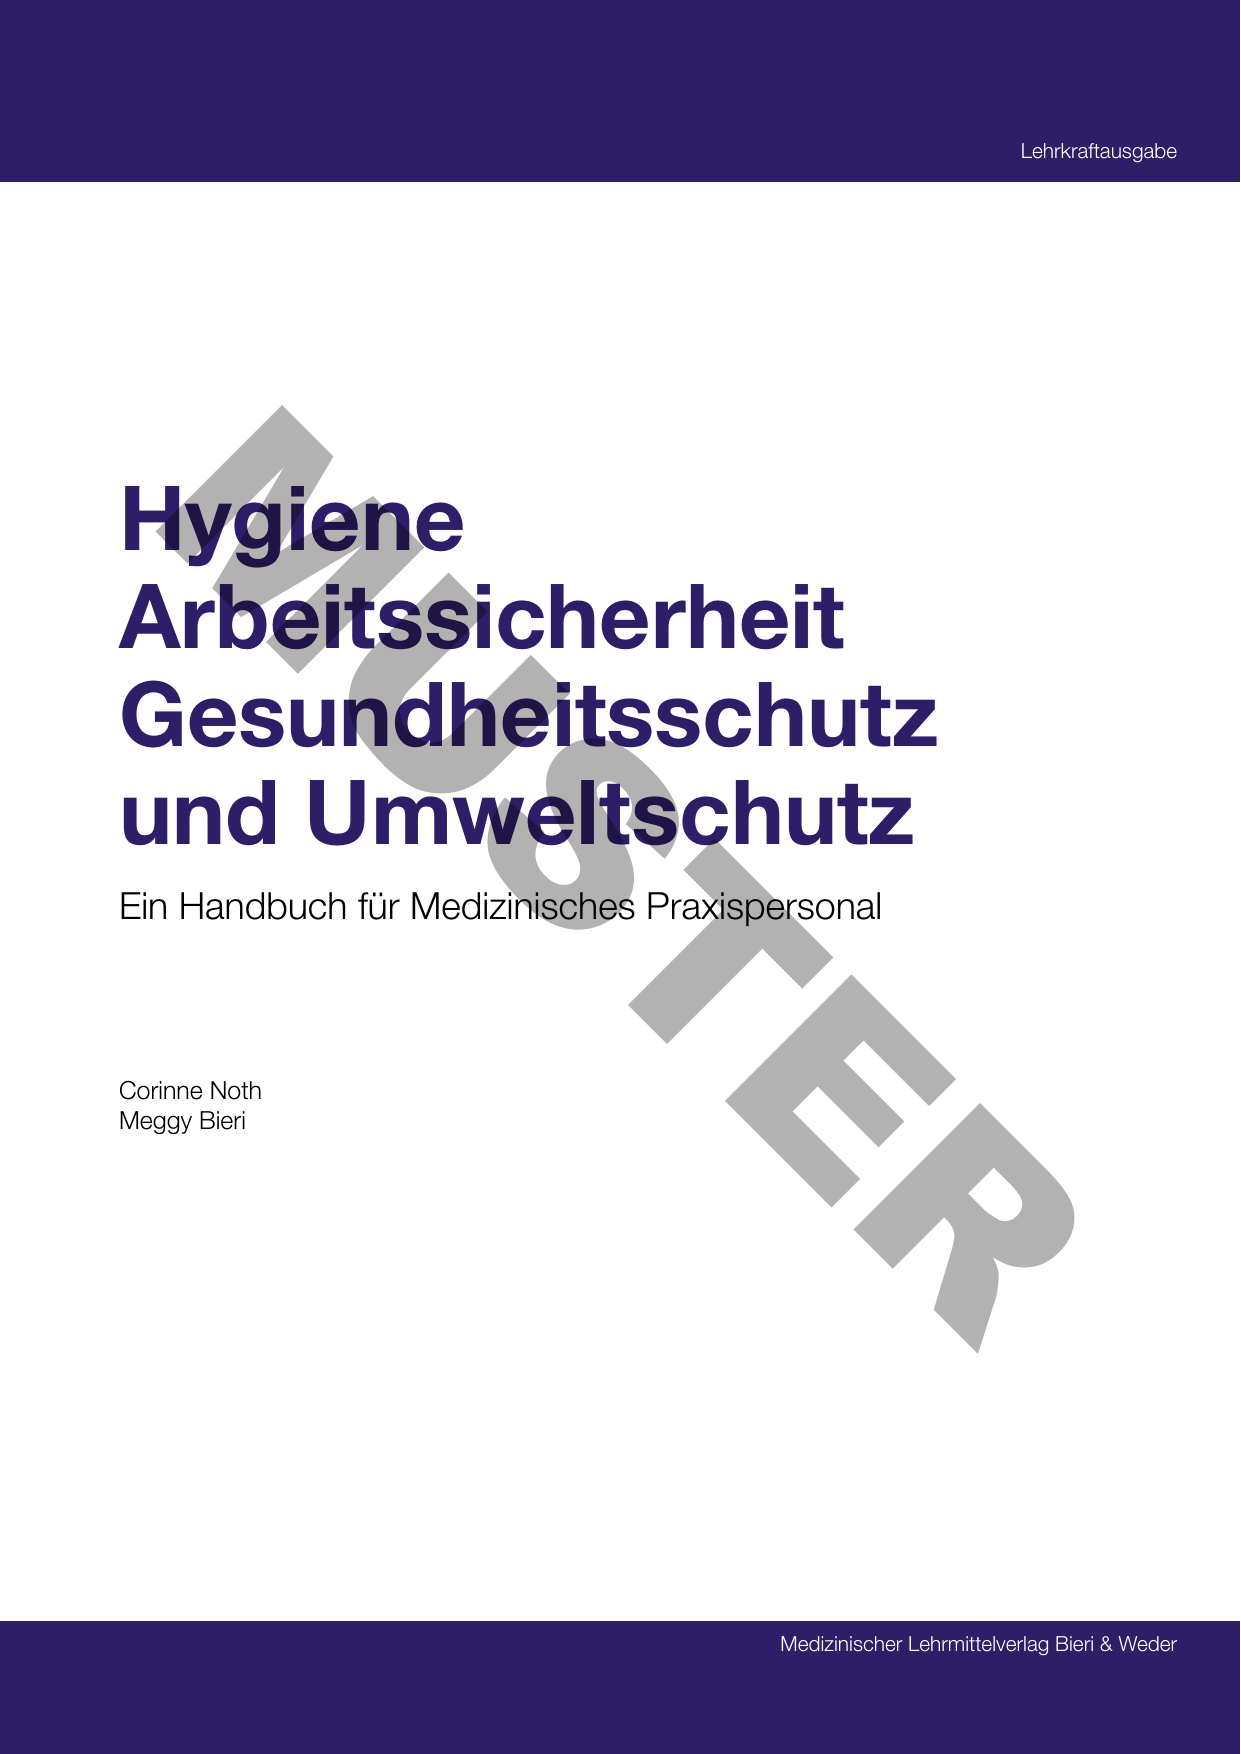 Vorschau Hygiene, Arbeitssicherheit, Gesundheits